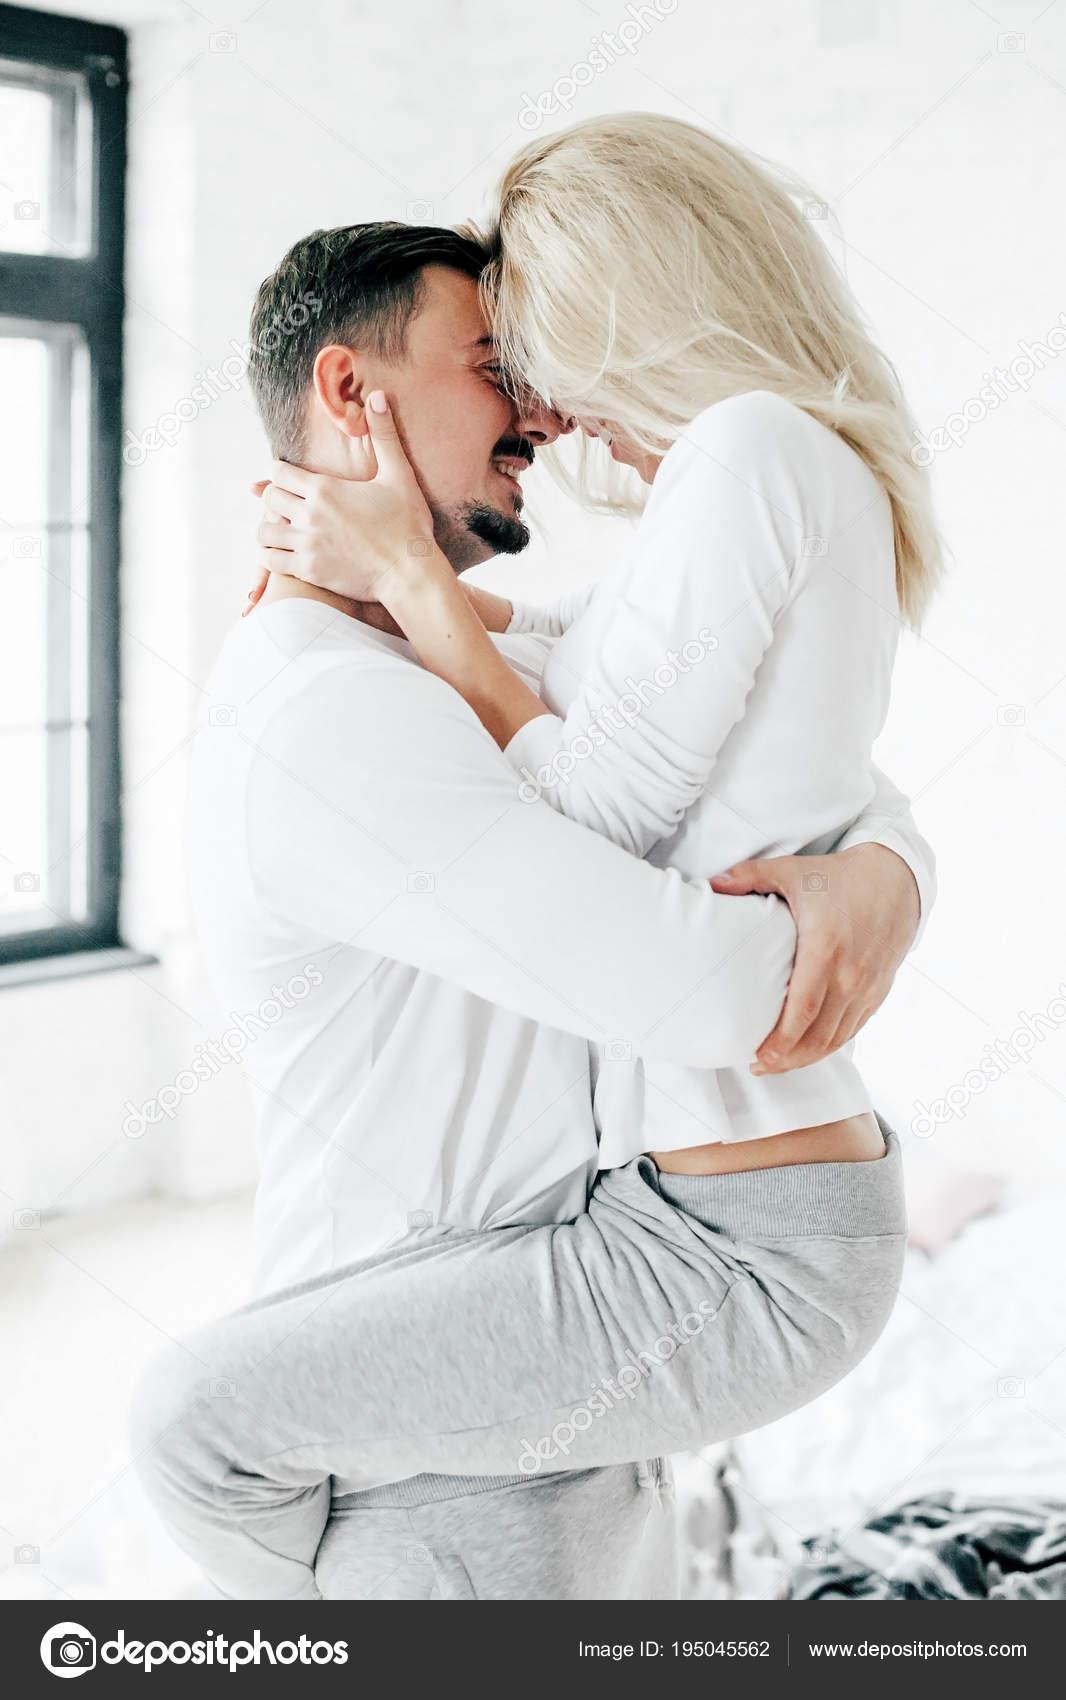 δωρεάν online dating για νοσοκόμες να βγαίνω με έναν πλούσιο παντρεμένο άντρα.